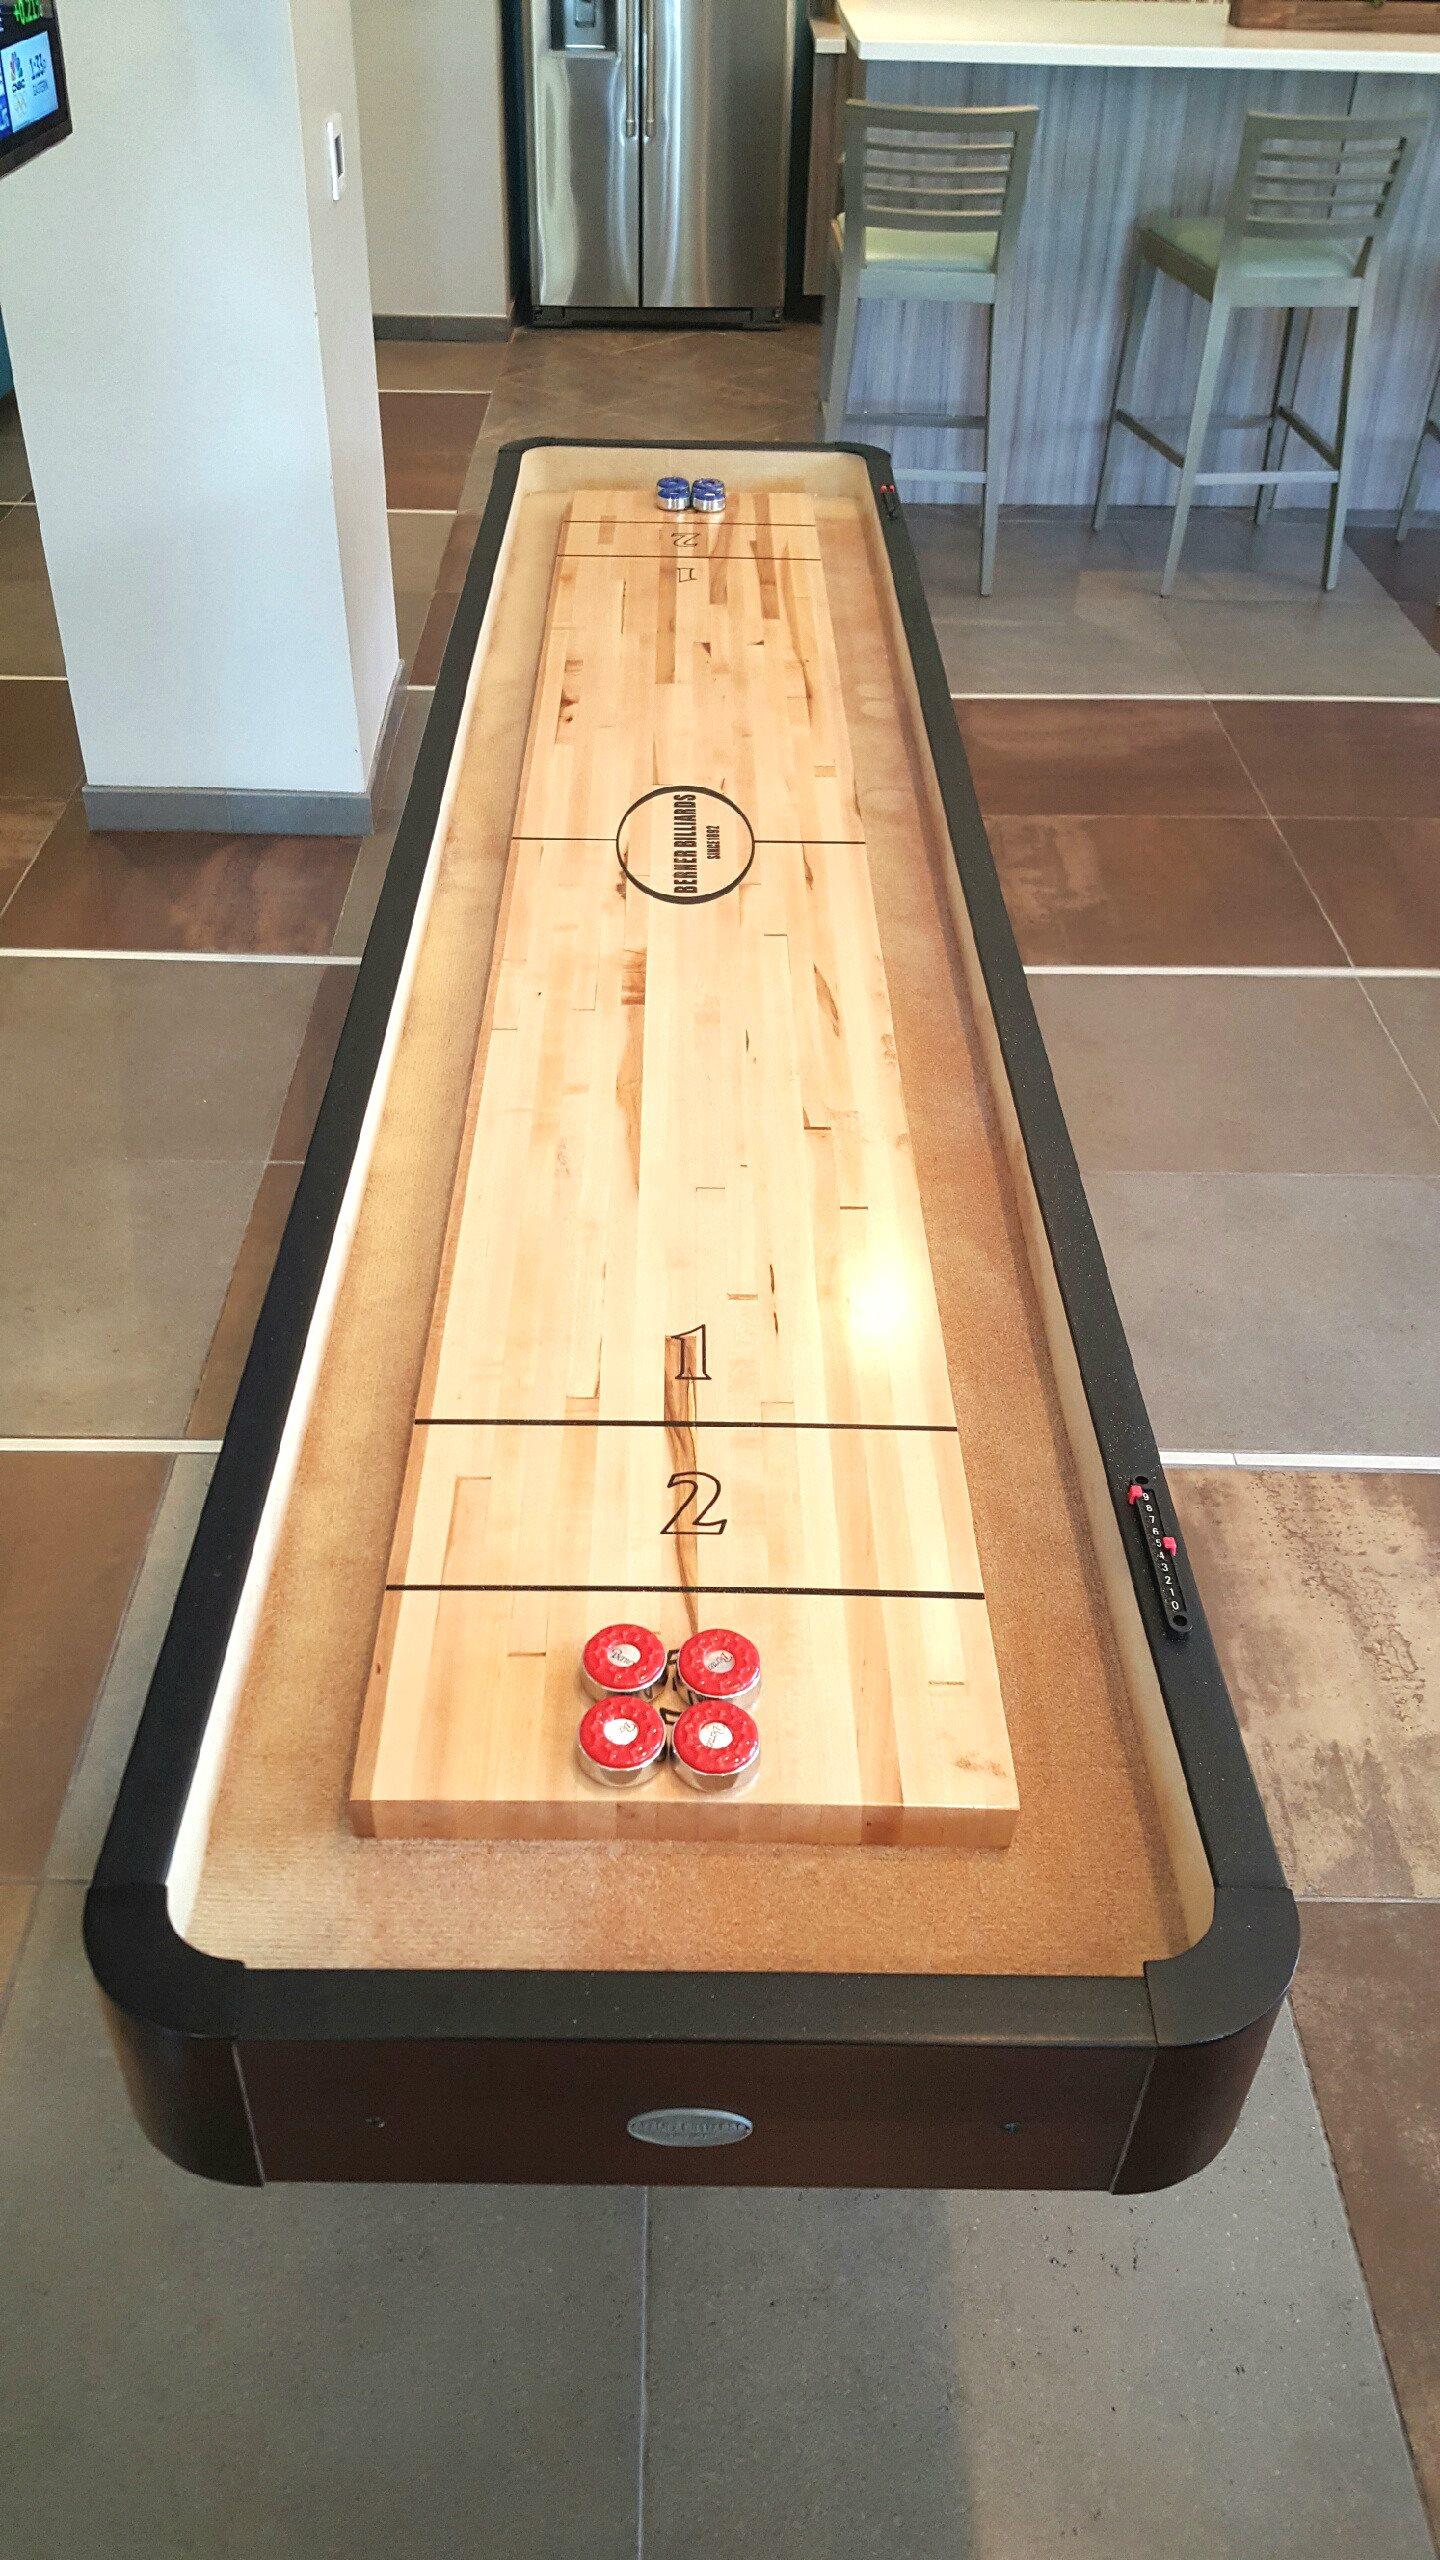 Shuffleboard at Ascent at Papago Park, Phoenix, 85008